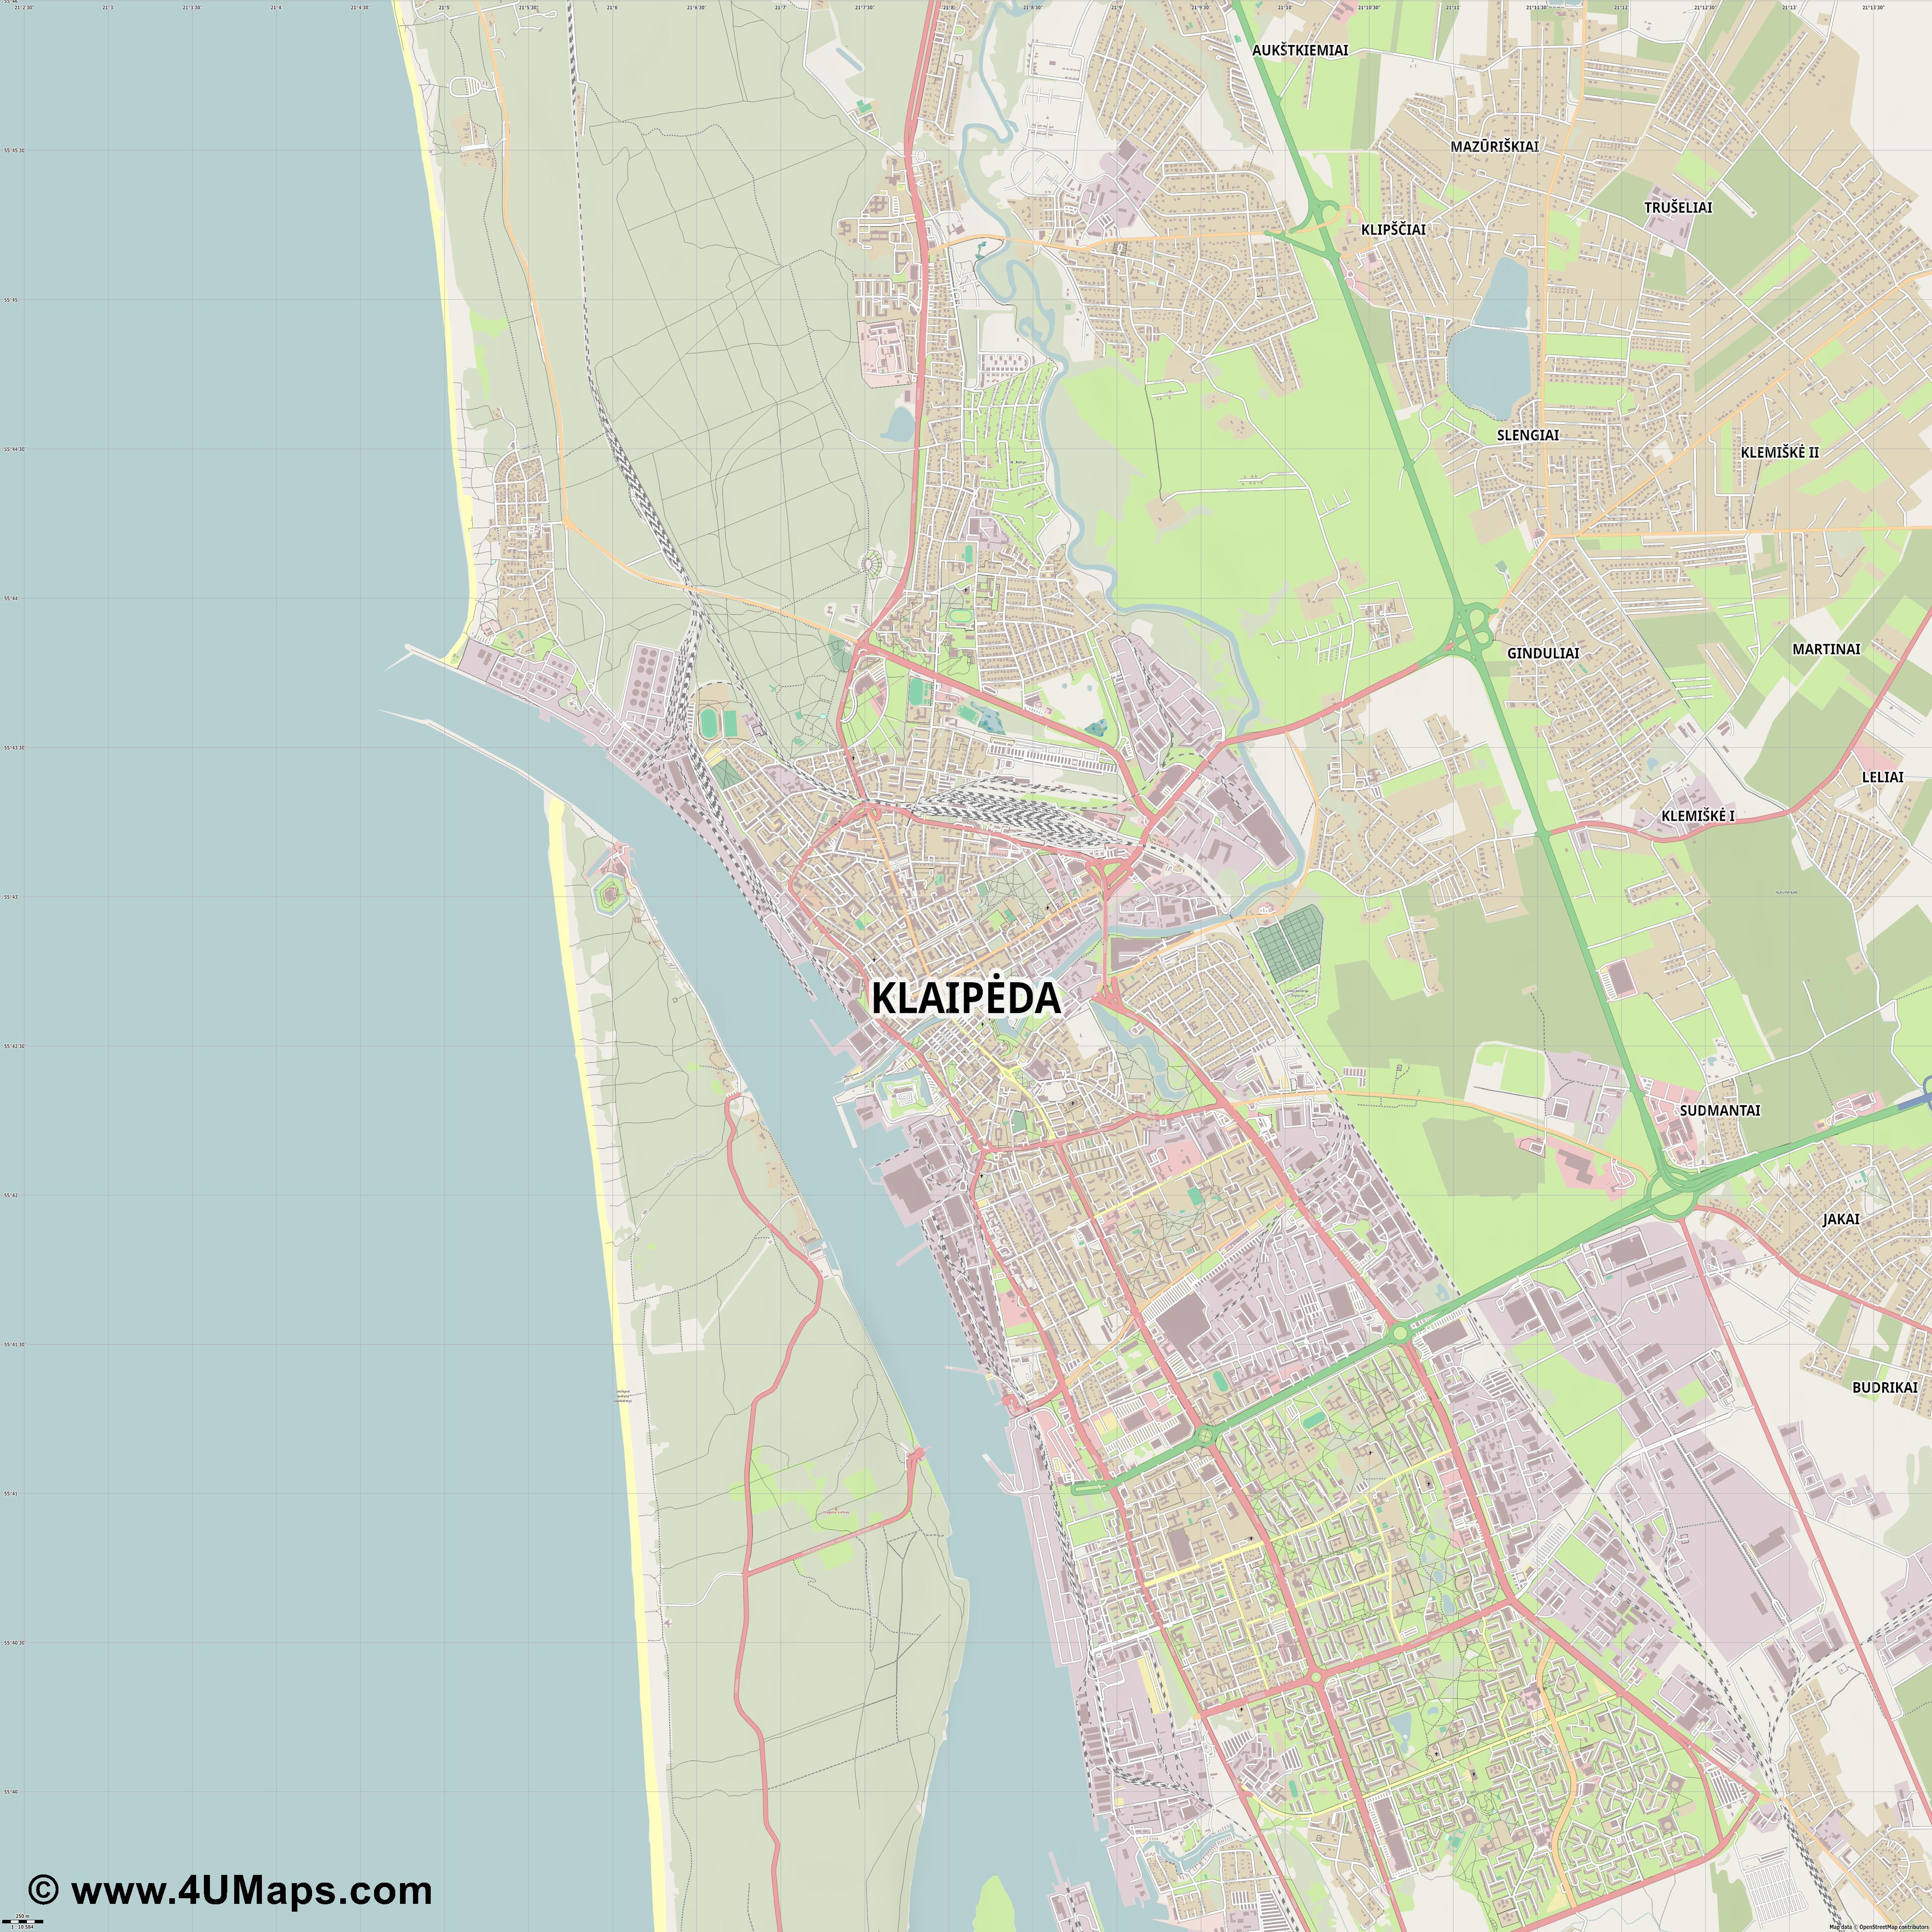 PDF, Svg Skalierbarer Vektor Stadtplan, Vektorkarte Klaipėda